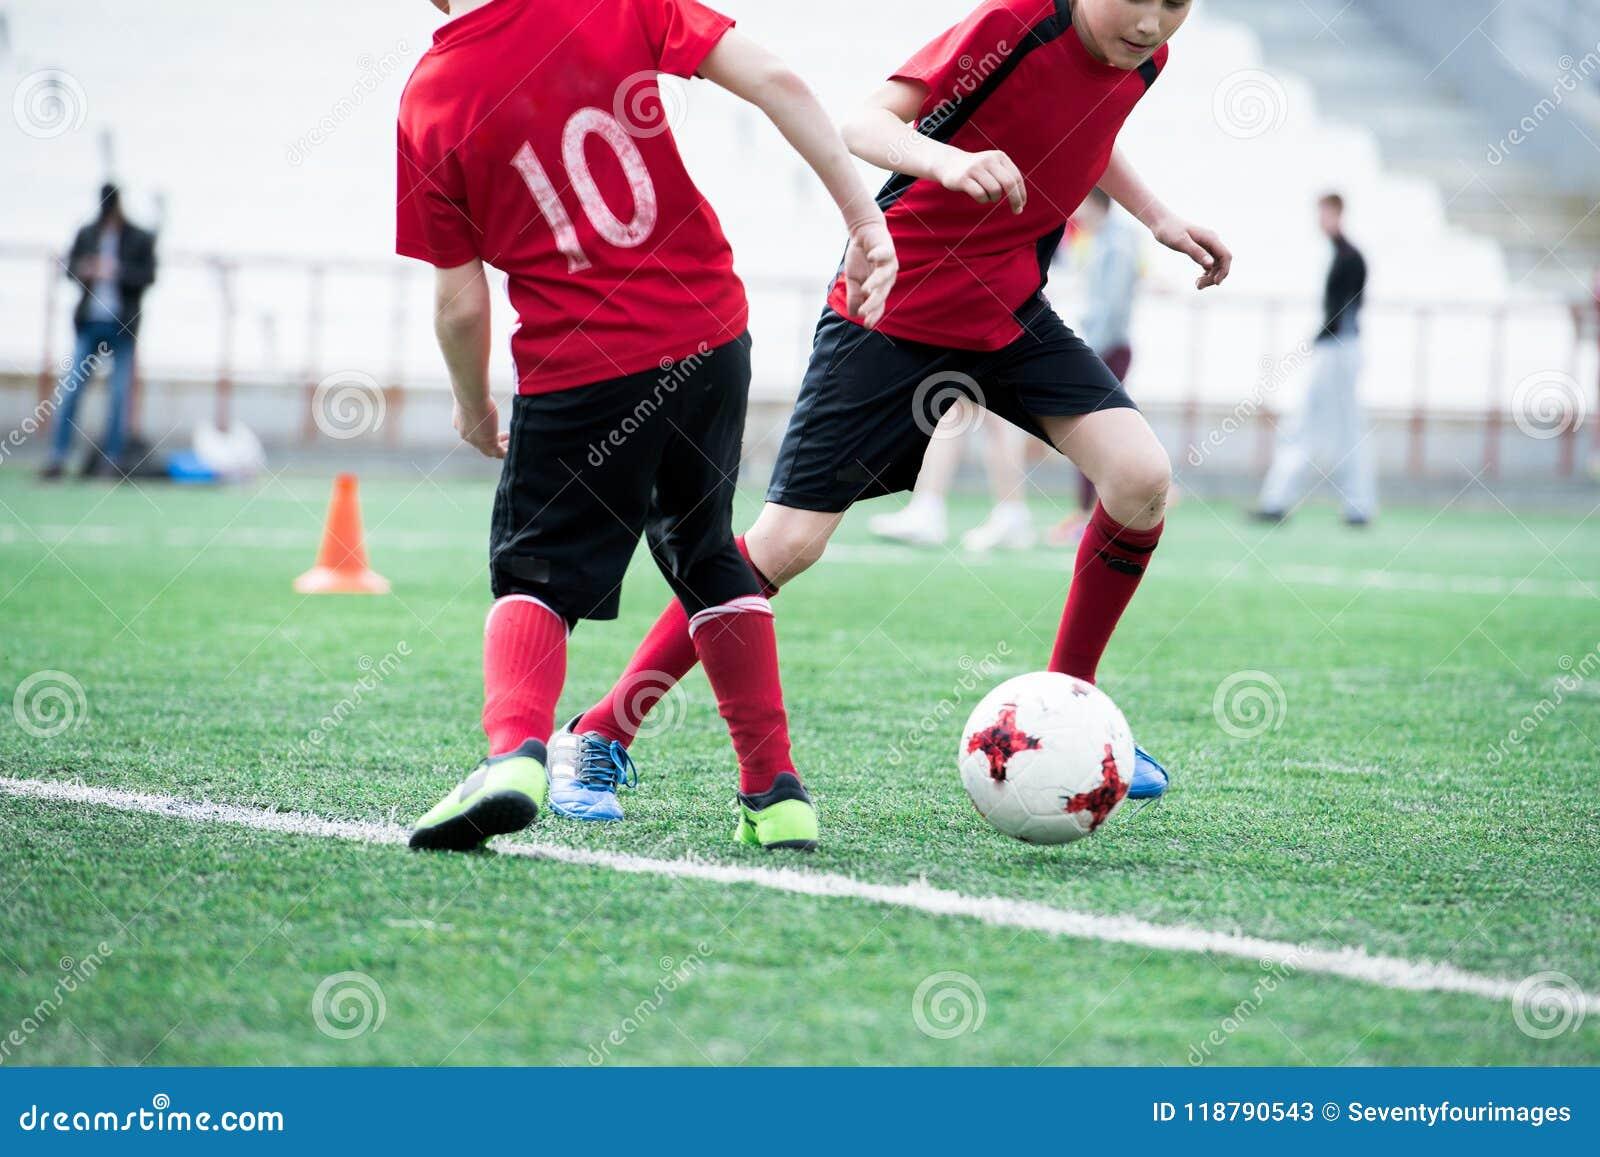 Zwei Kinder, die Fußball spielen